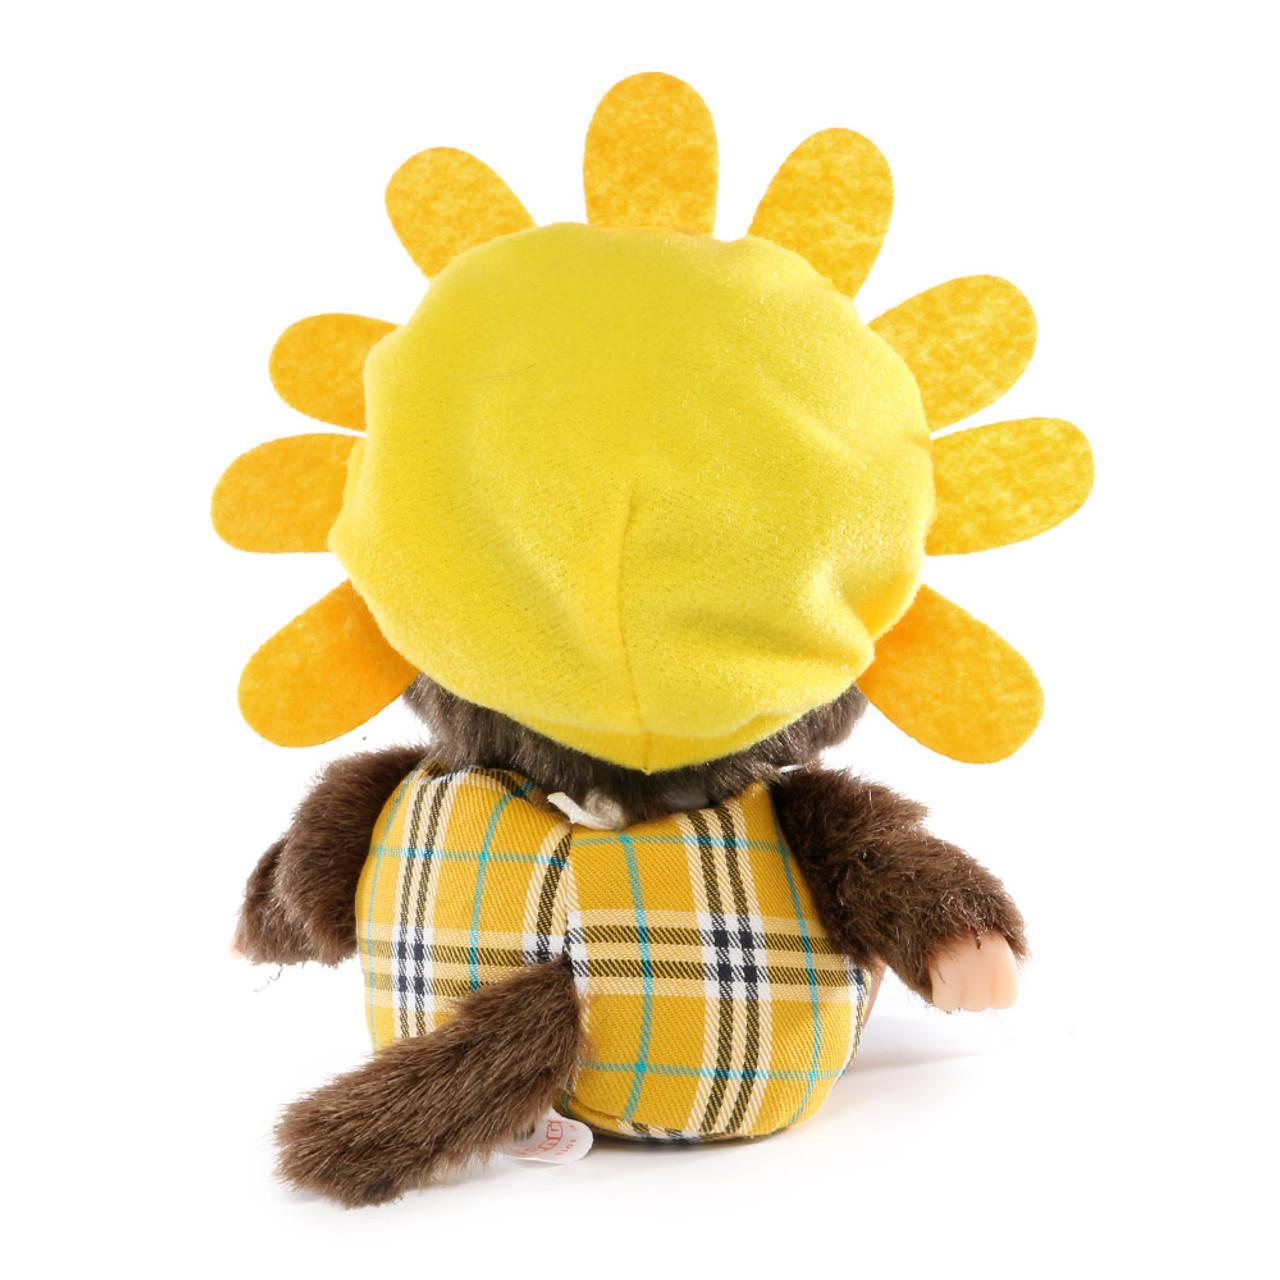 Sekiguchi Bebichhichi Birk Pineapple & Sunflower Costume Baby Plush Doll ( Back View )